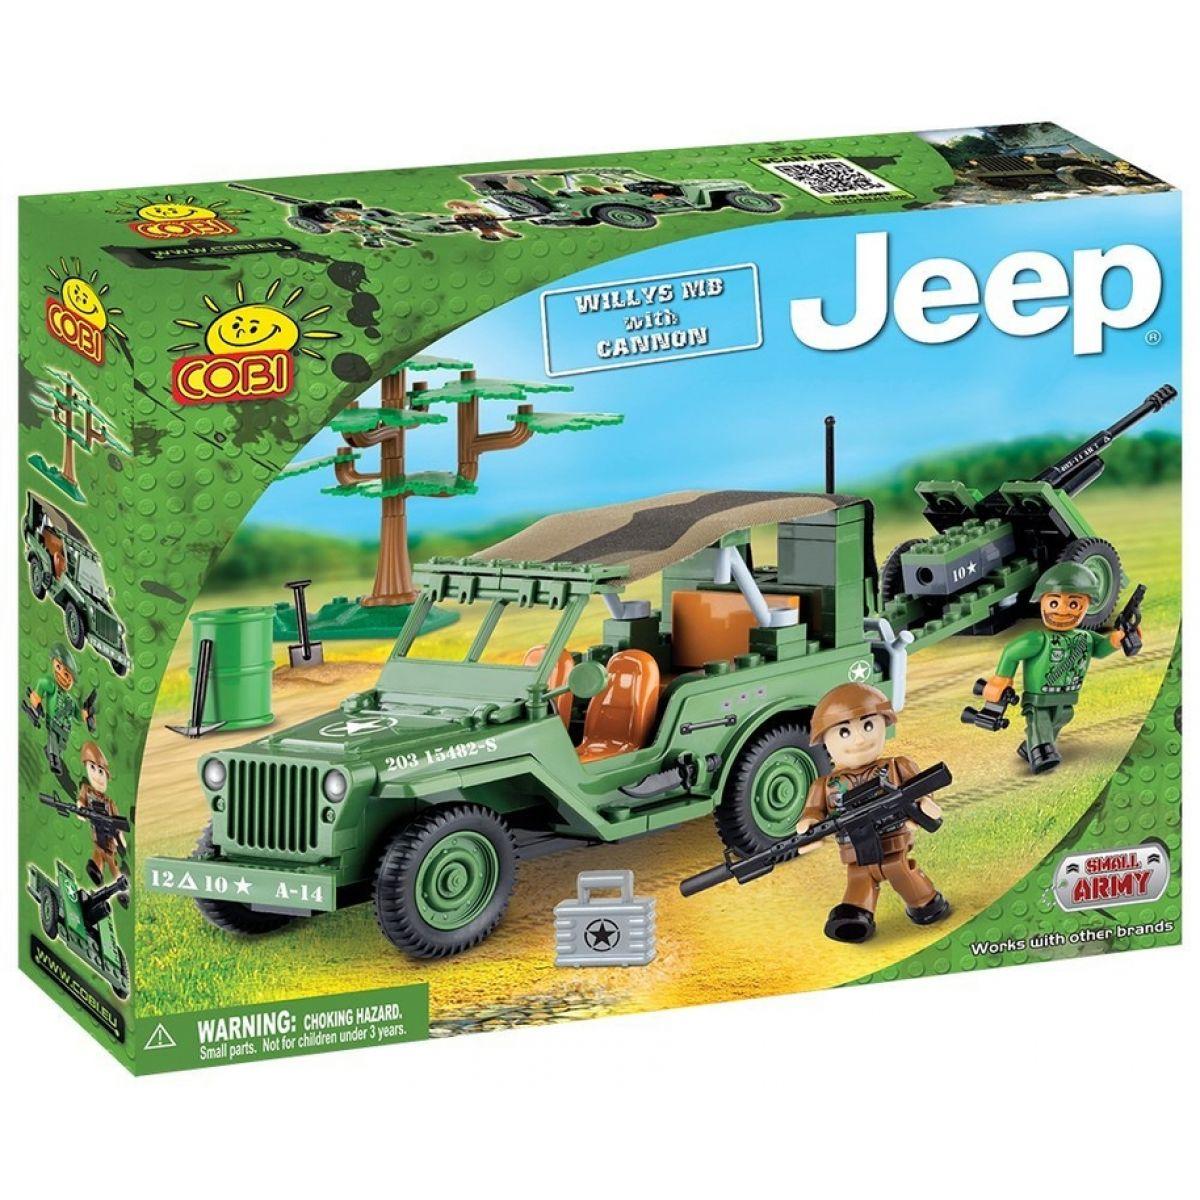 Cobi 24191 Malá armáda JEEP Willys MB ozbrojený